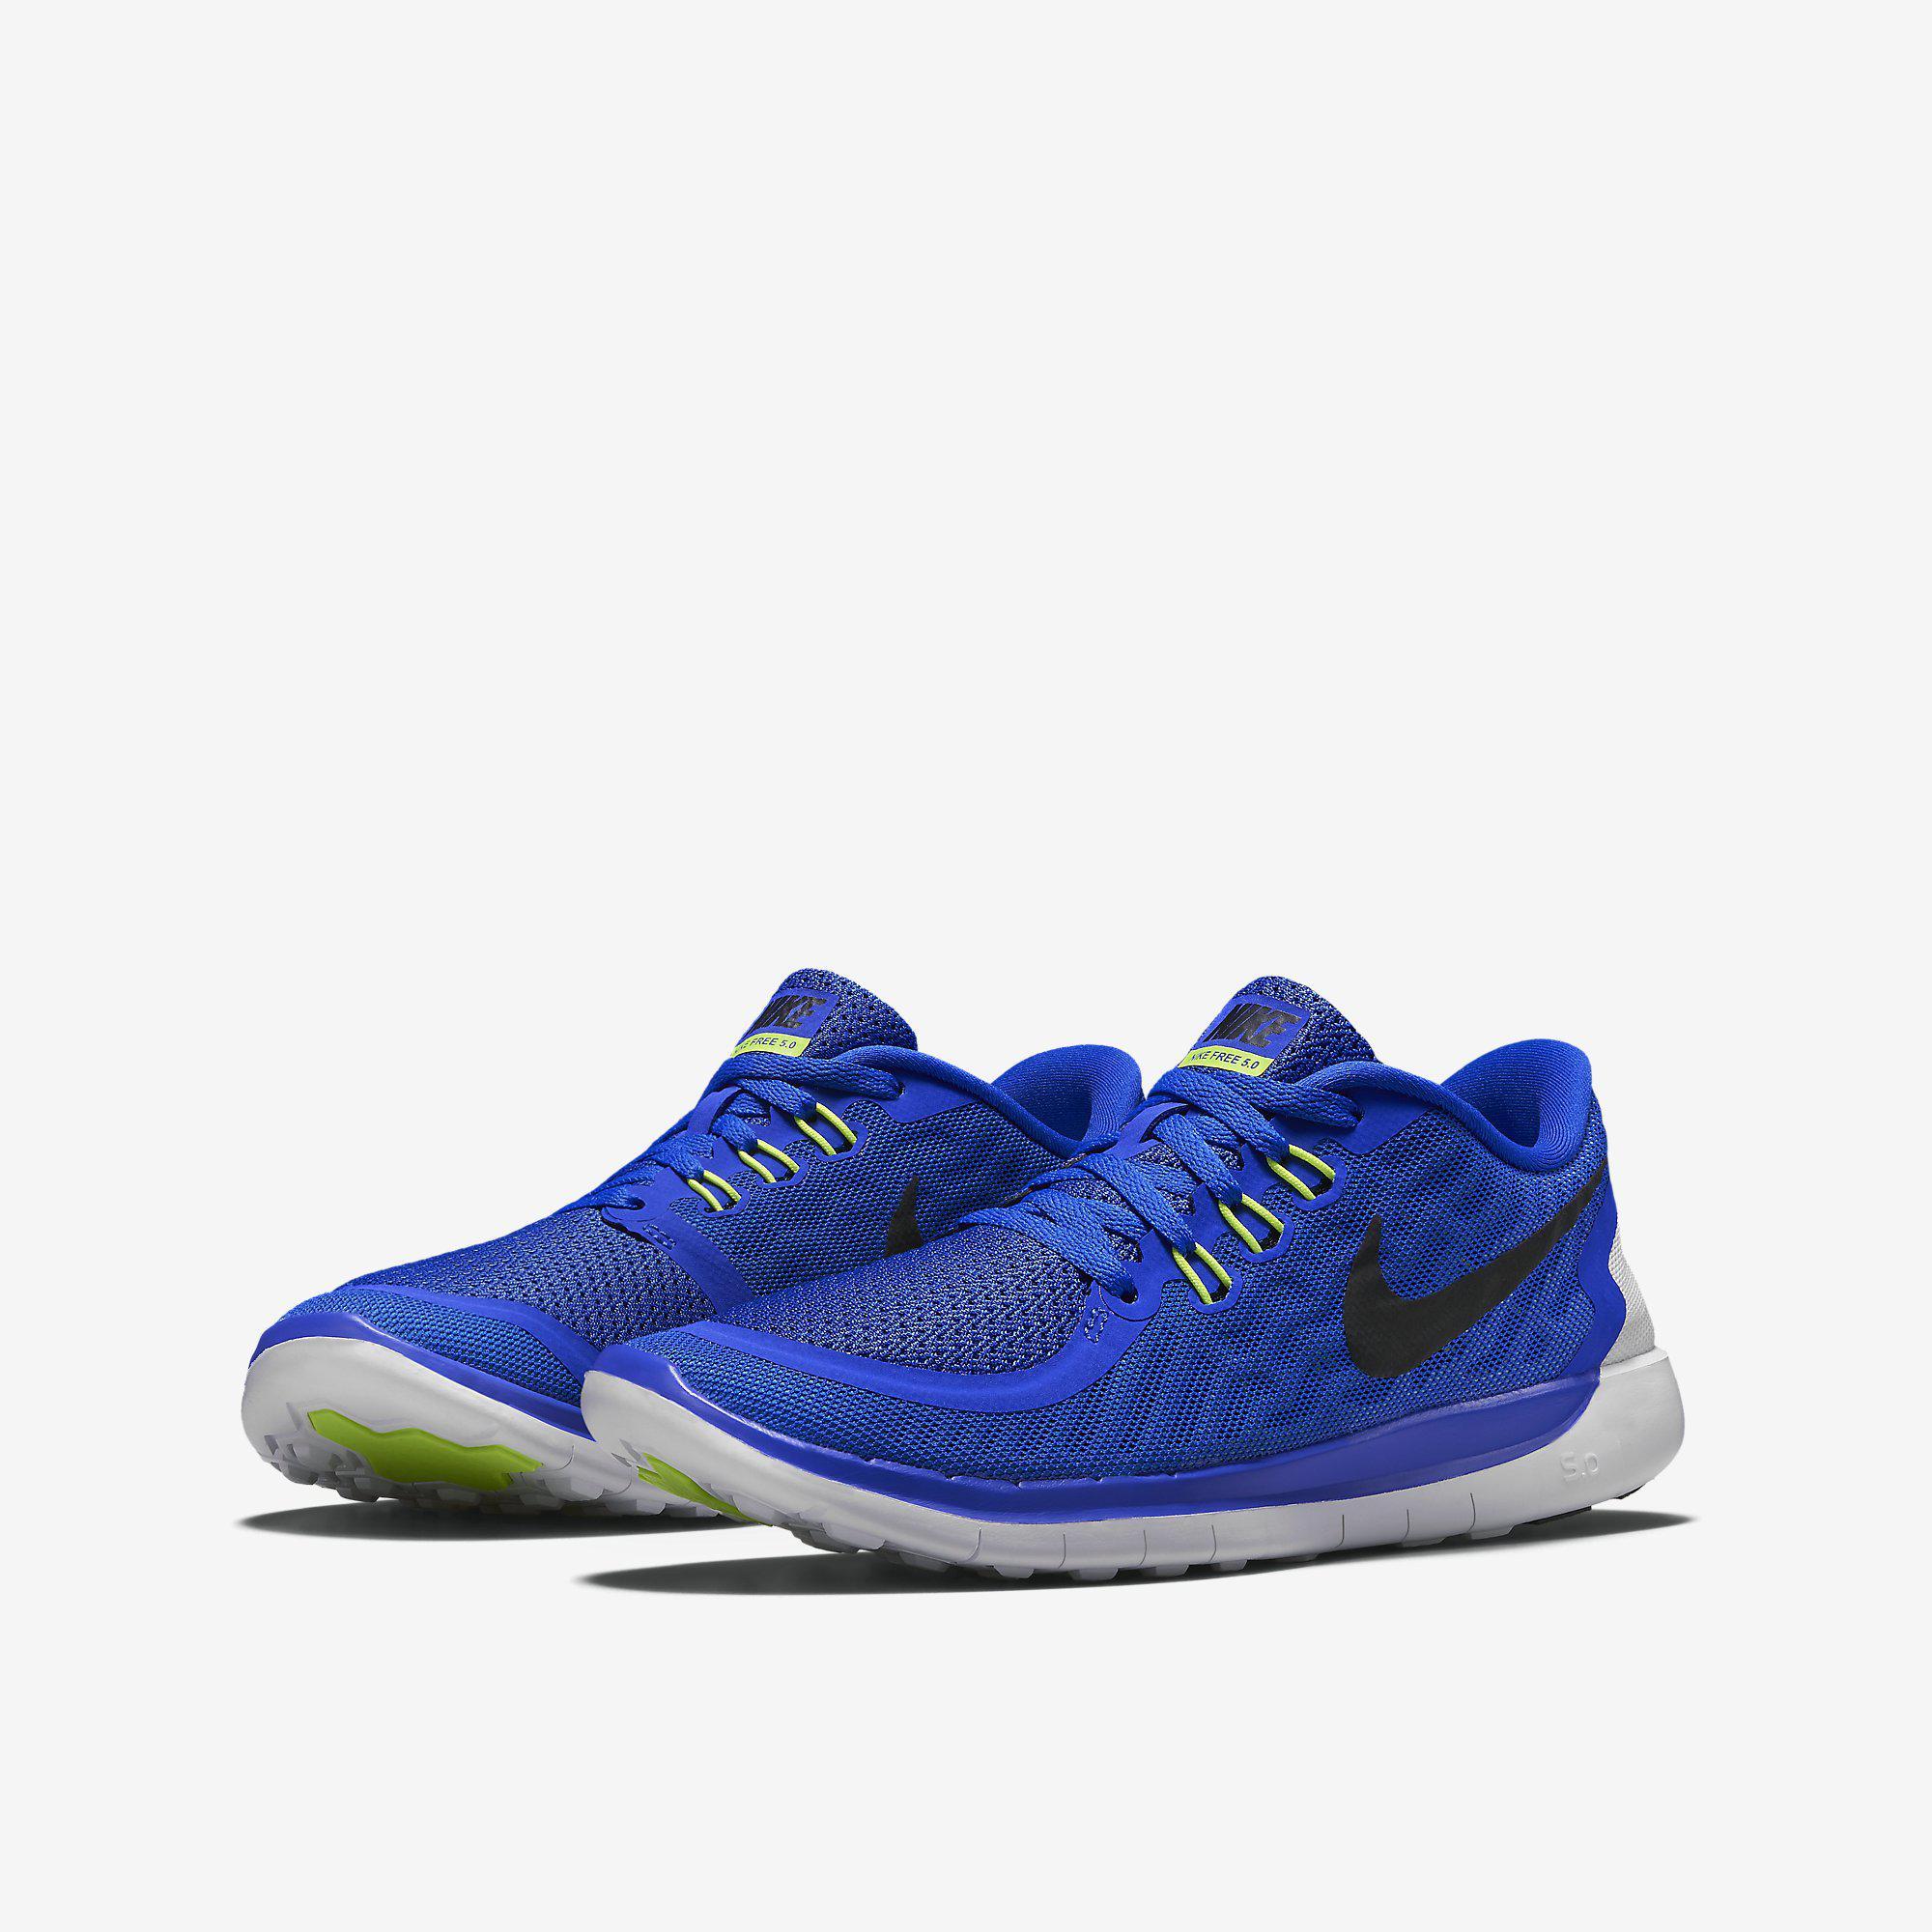 Boys Nike Free Tennis Shoes